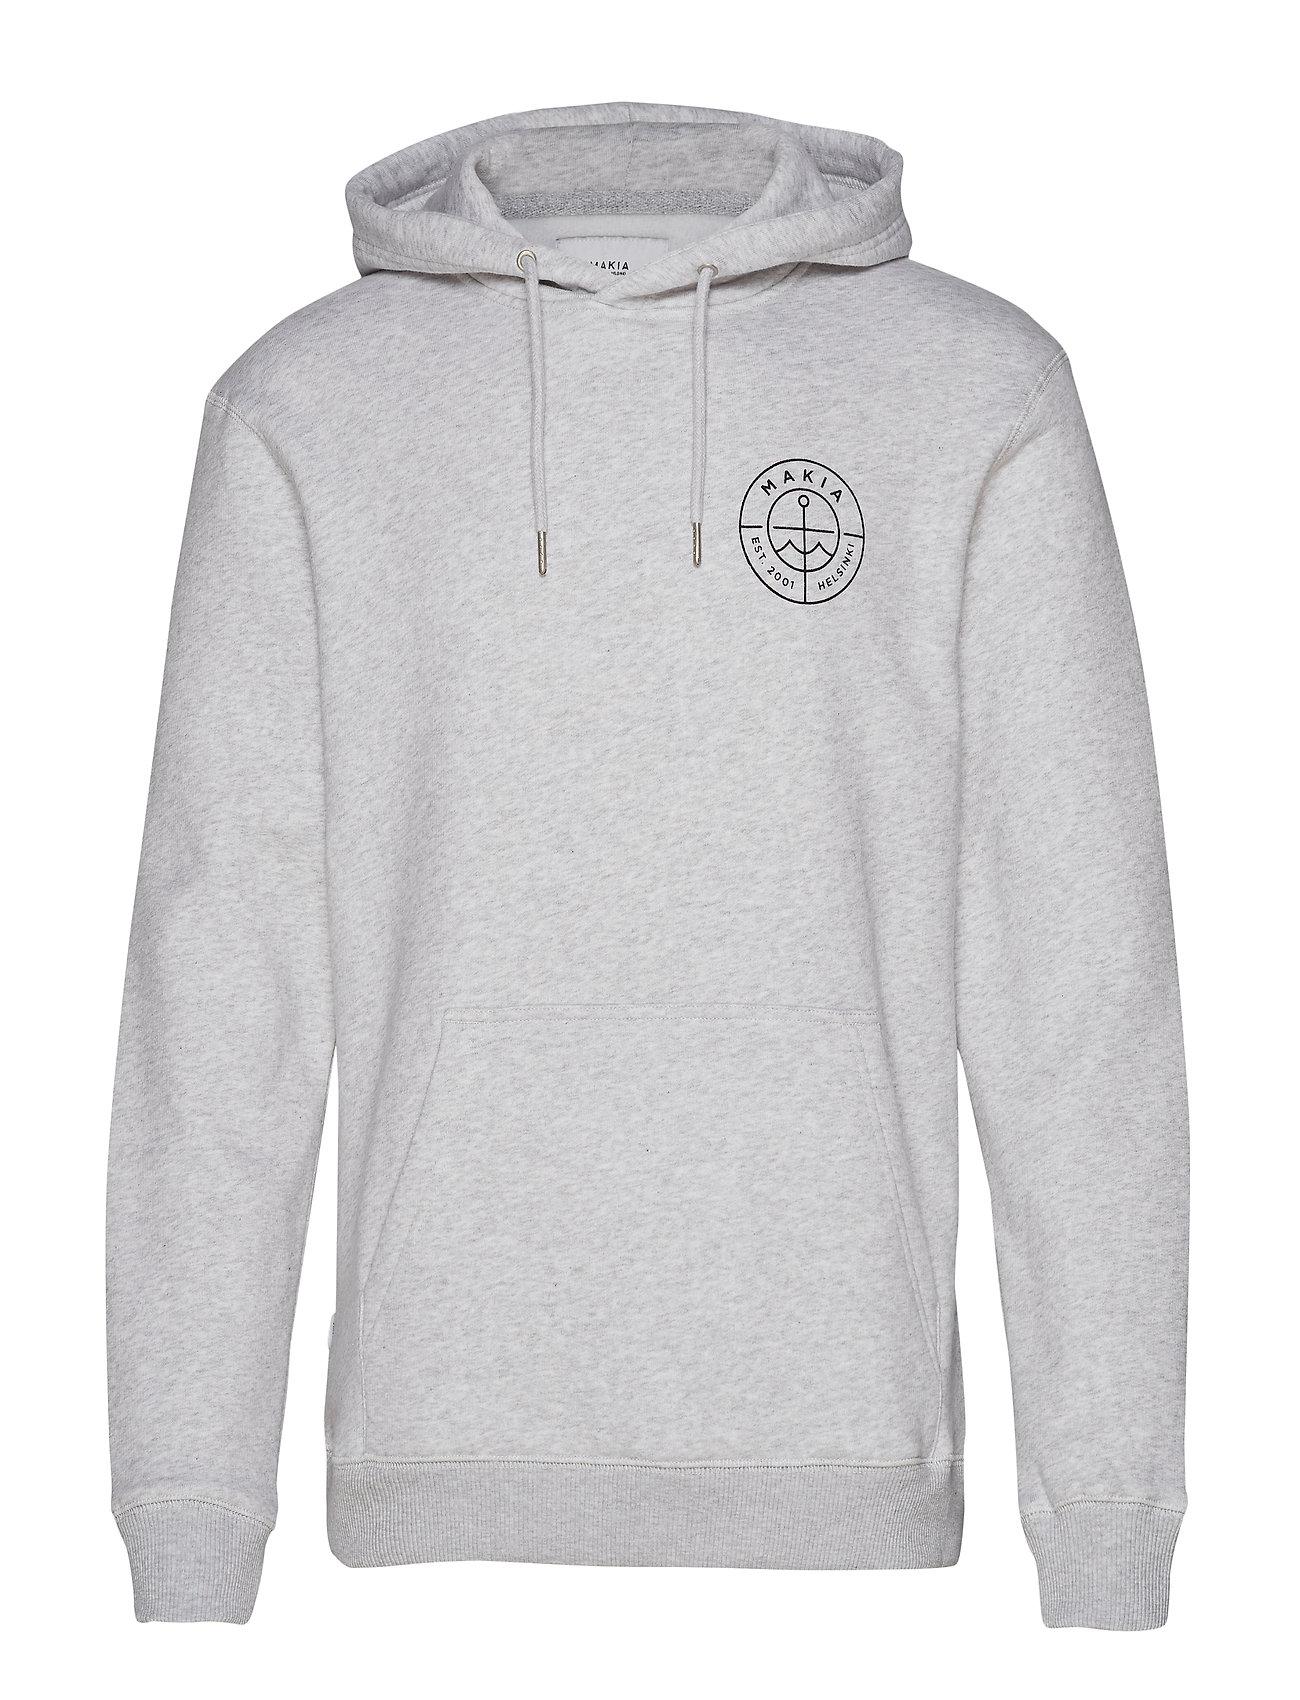 Makia Range Hoooded Sweatshirt - LIGHT GREY